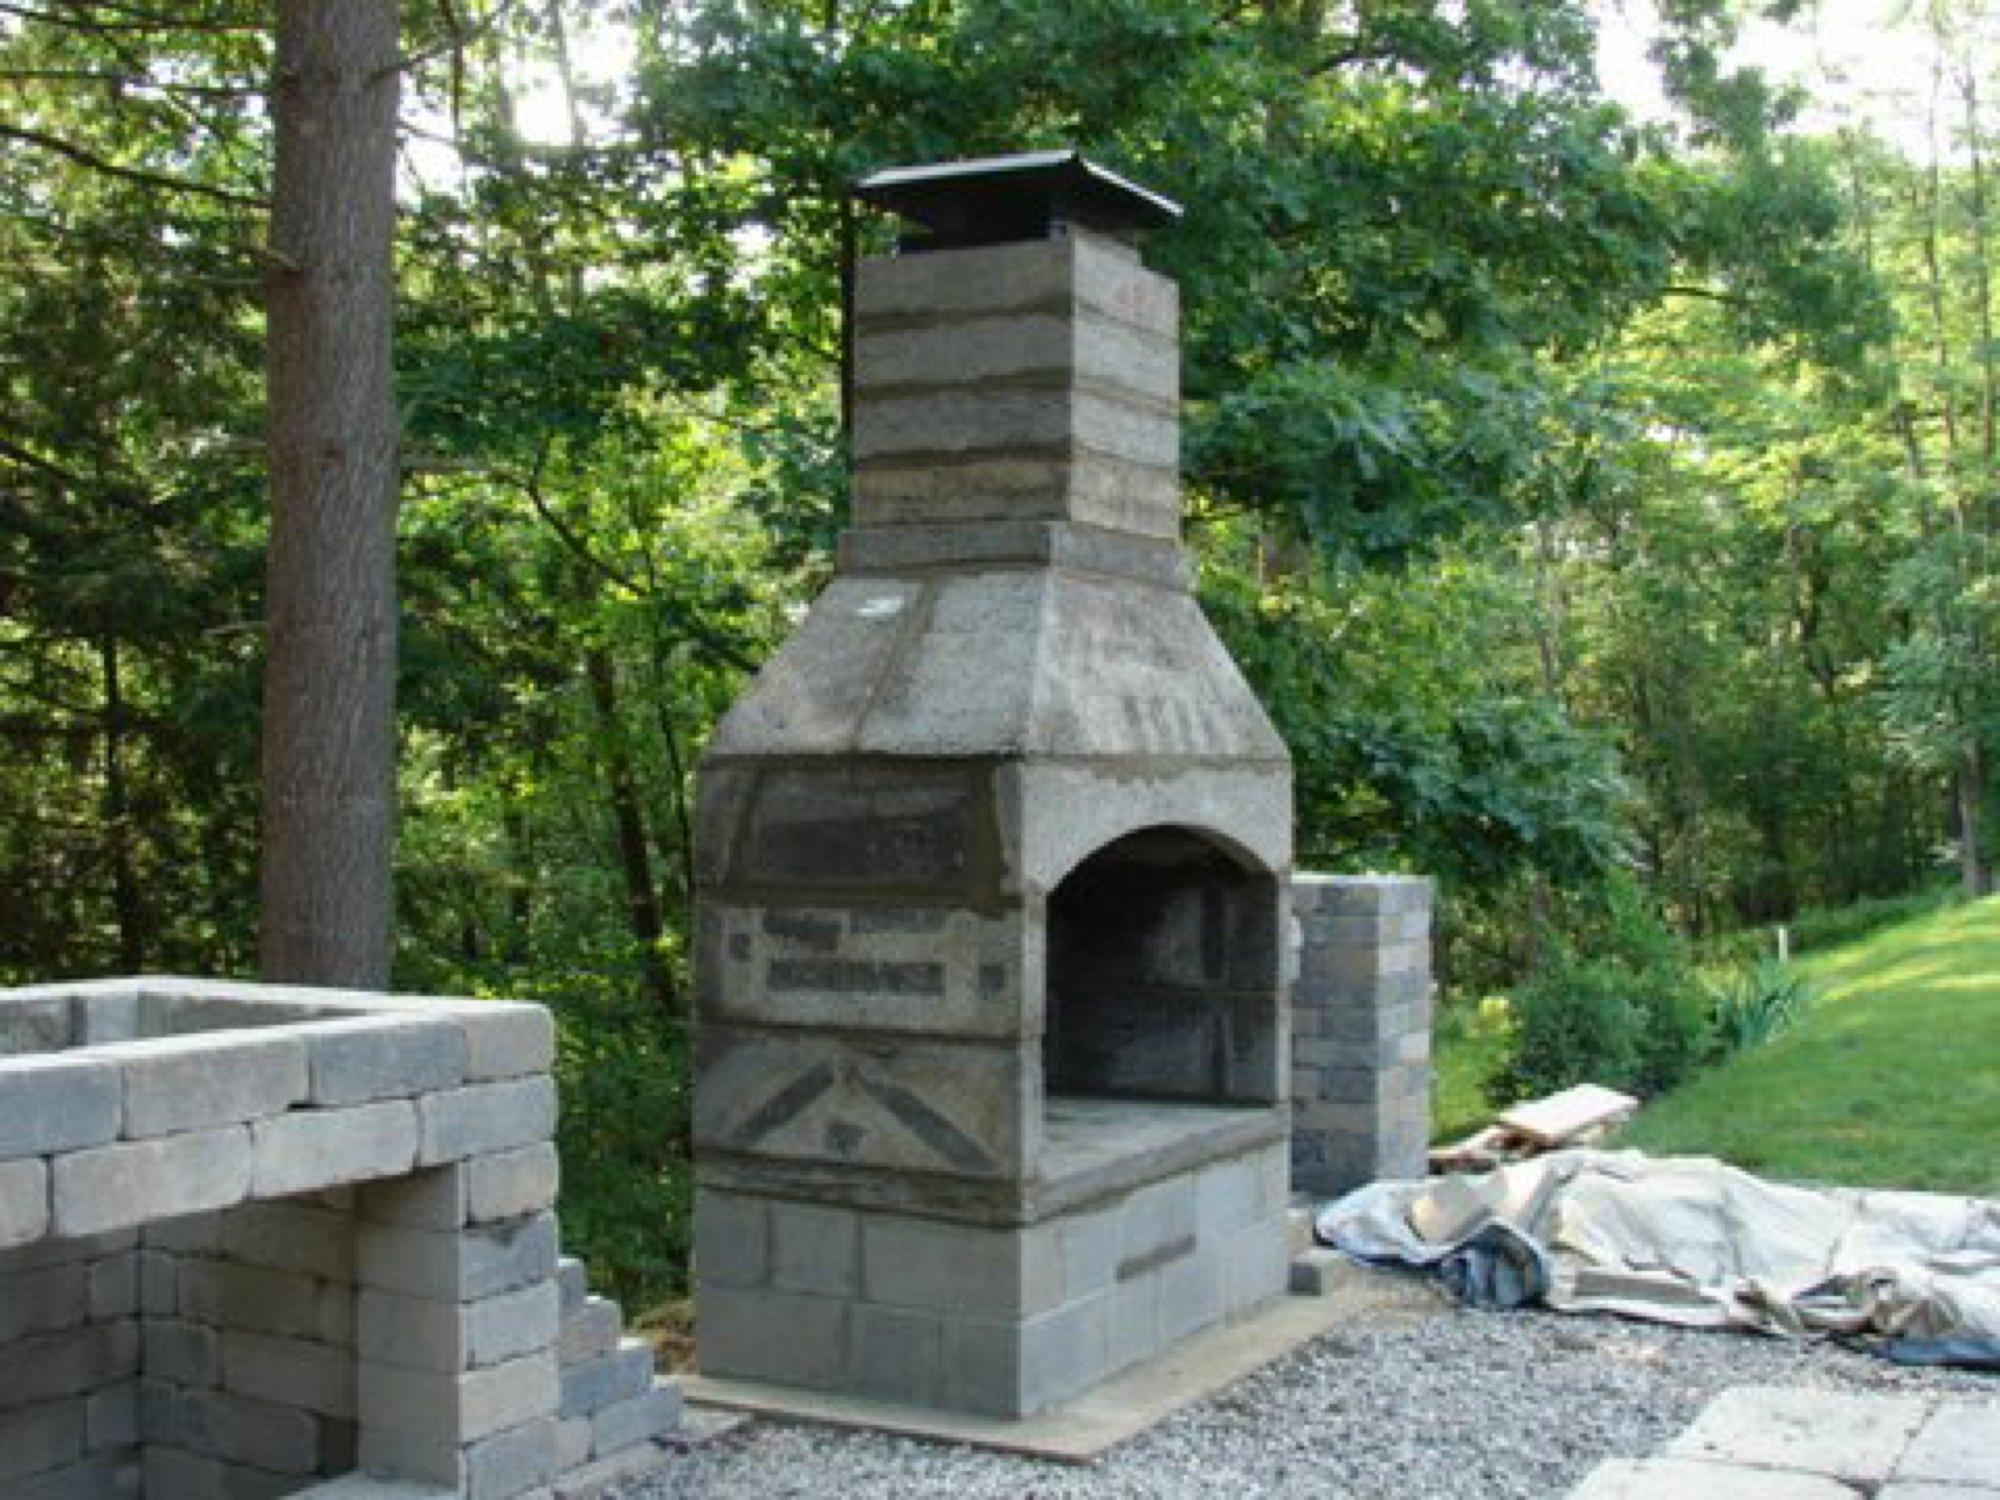 Outdoorfireplace_4822contractor4.jpg